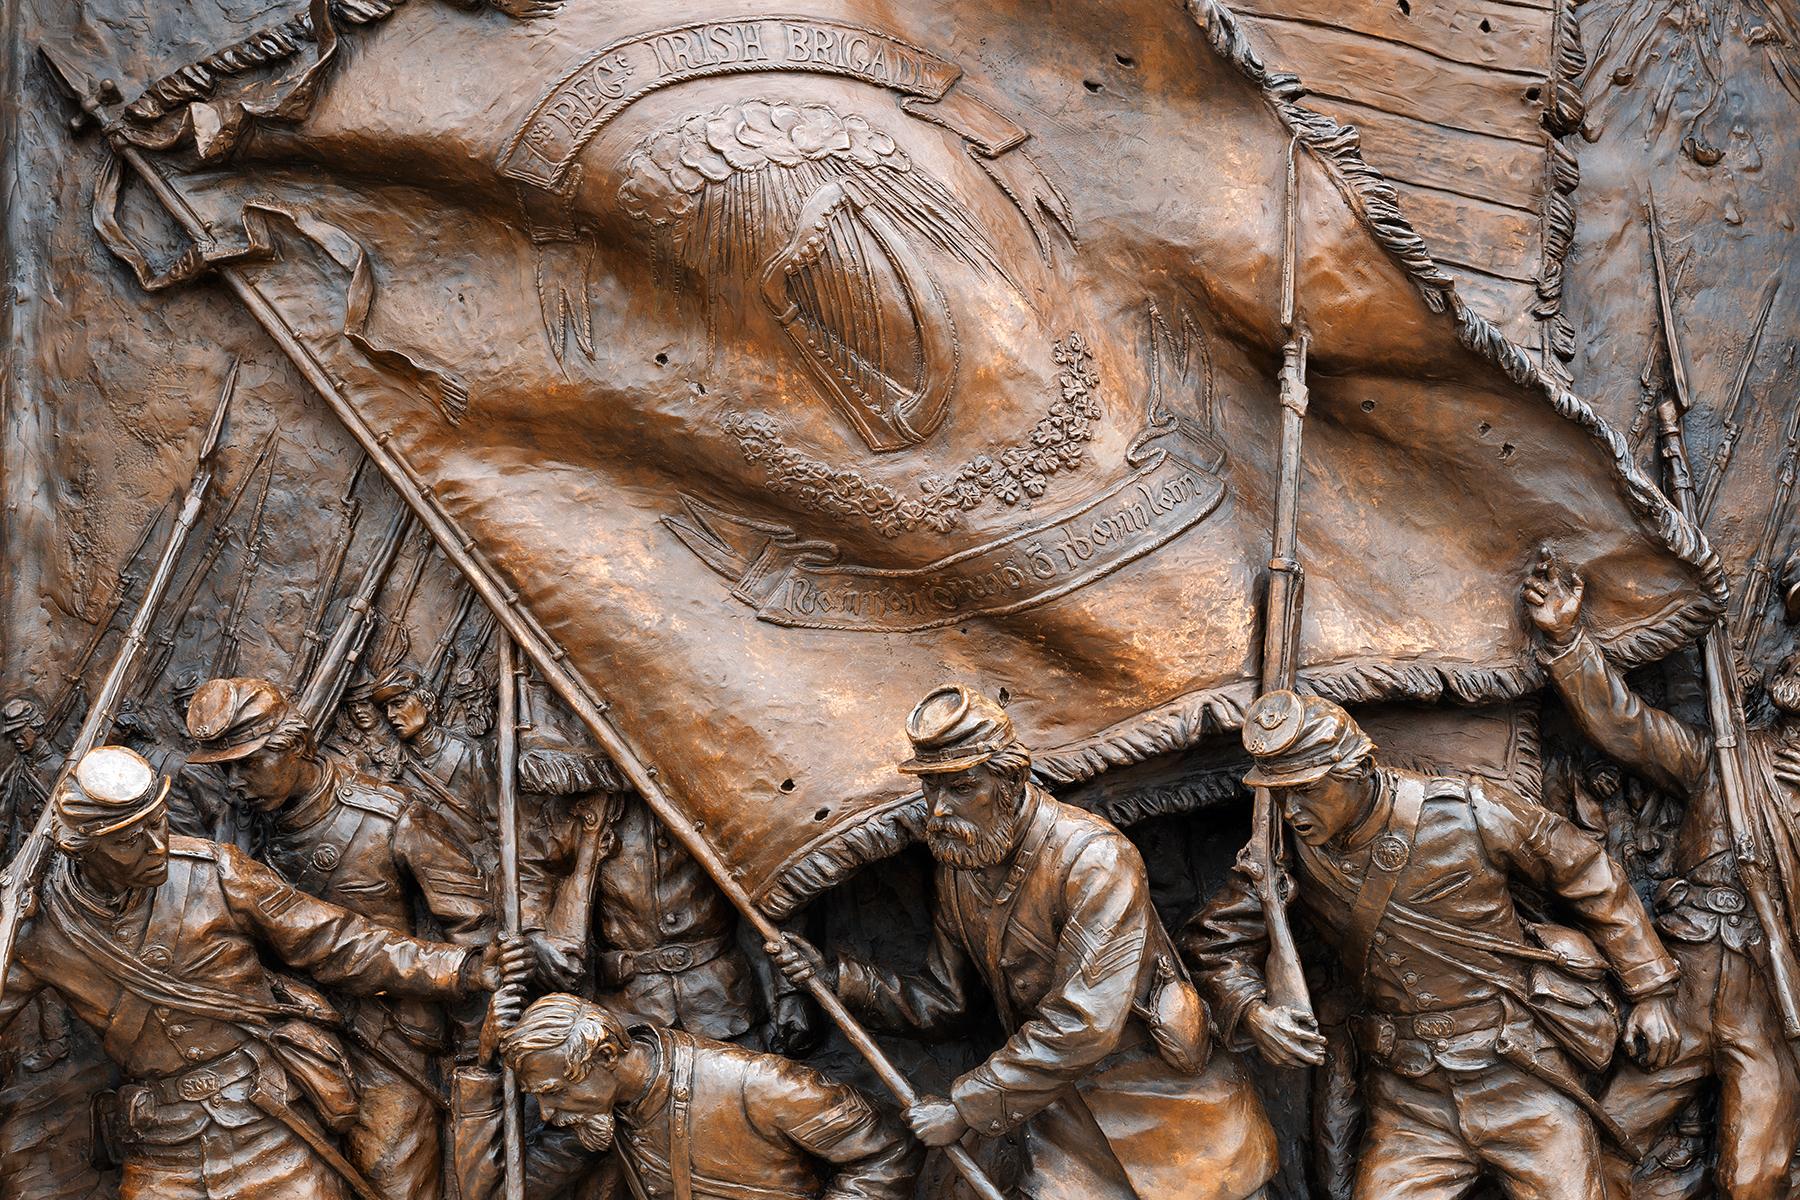 Irish brigade monument close-up photo